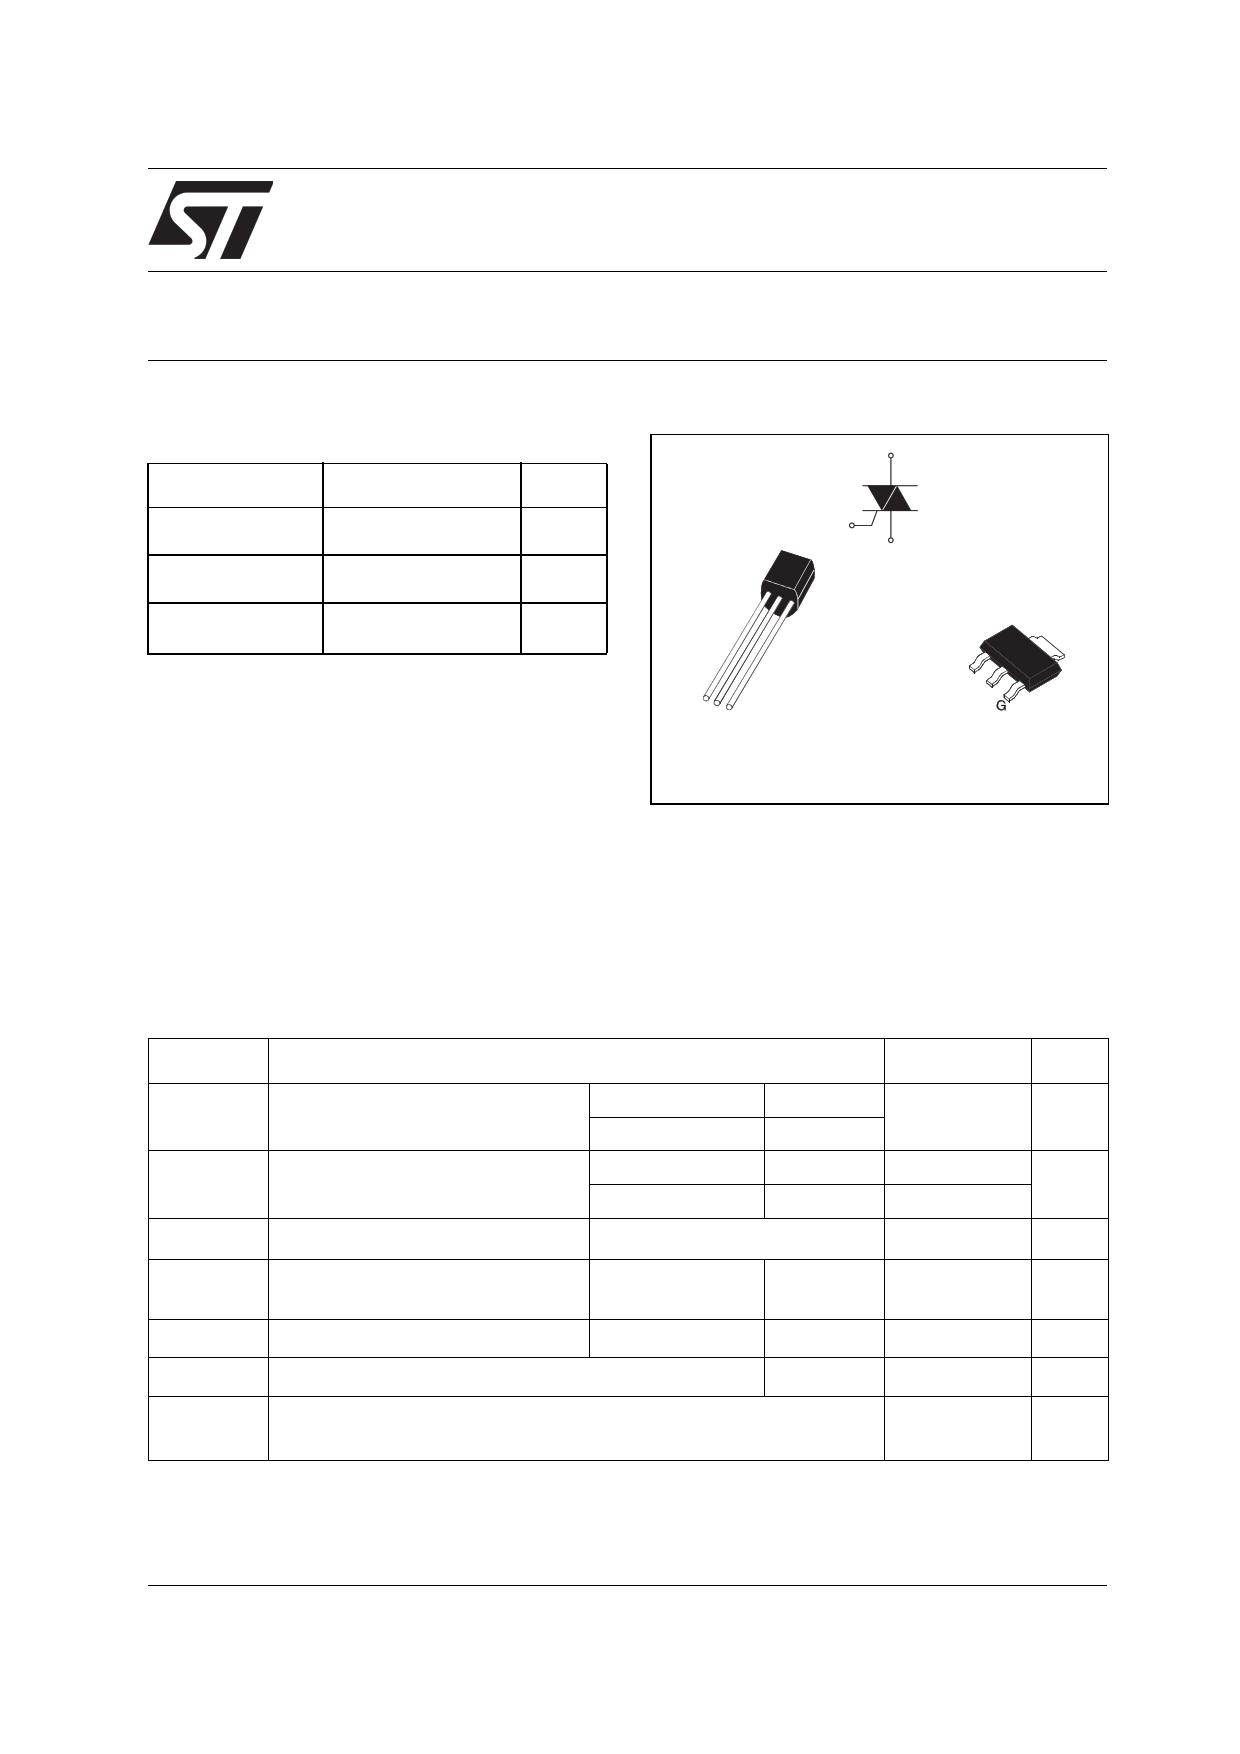 Z0110MA1AA2 datasheet